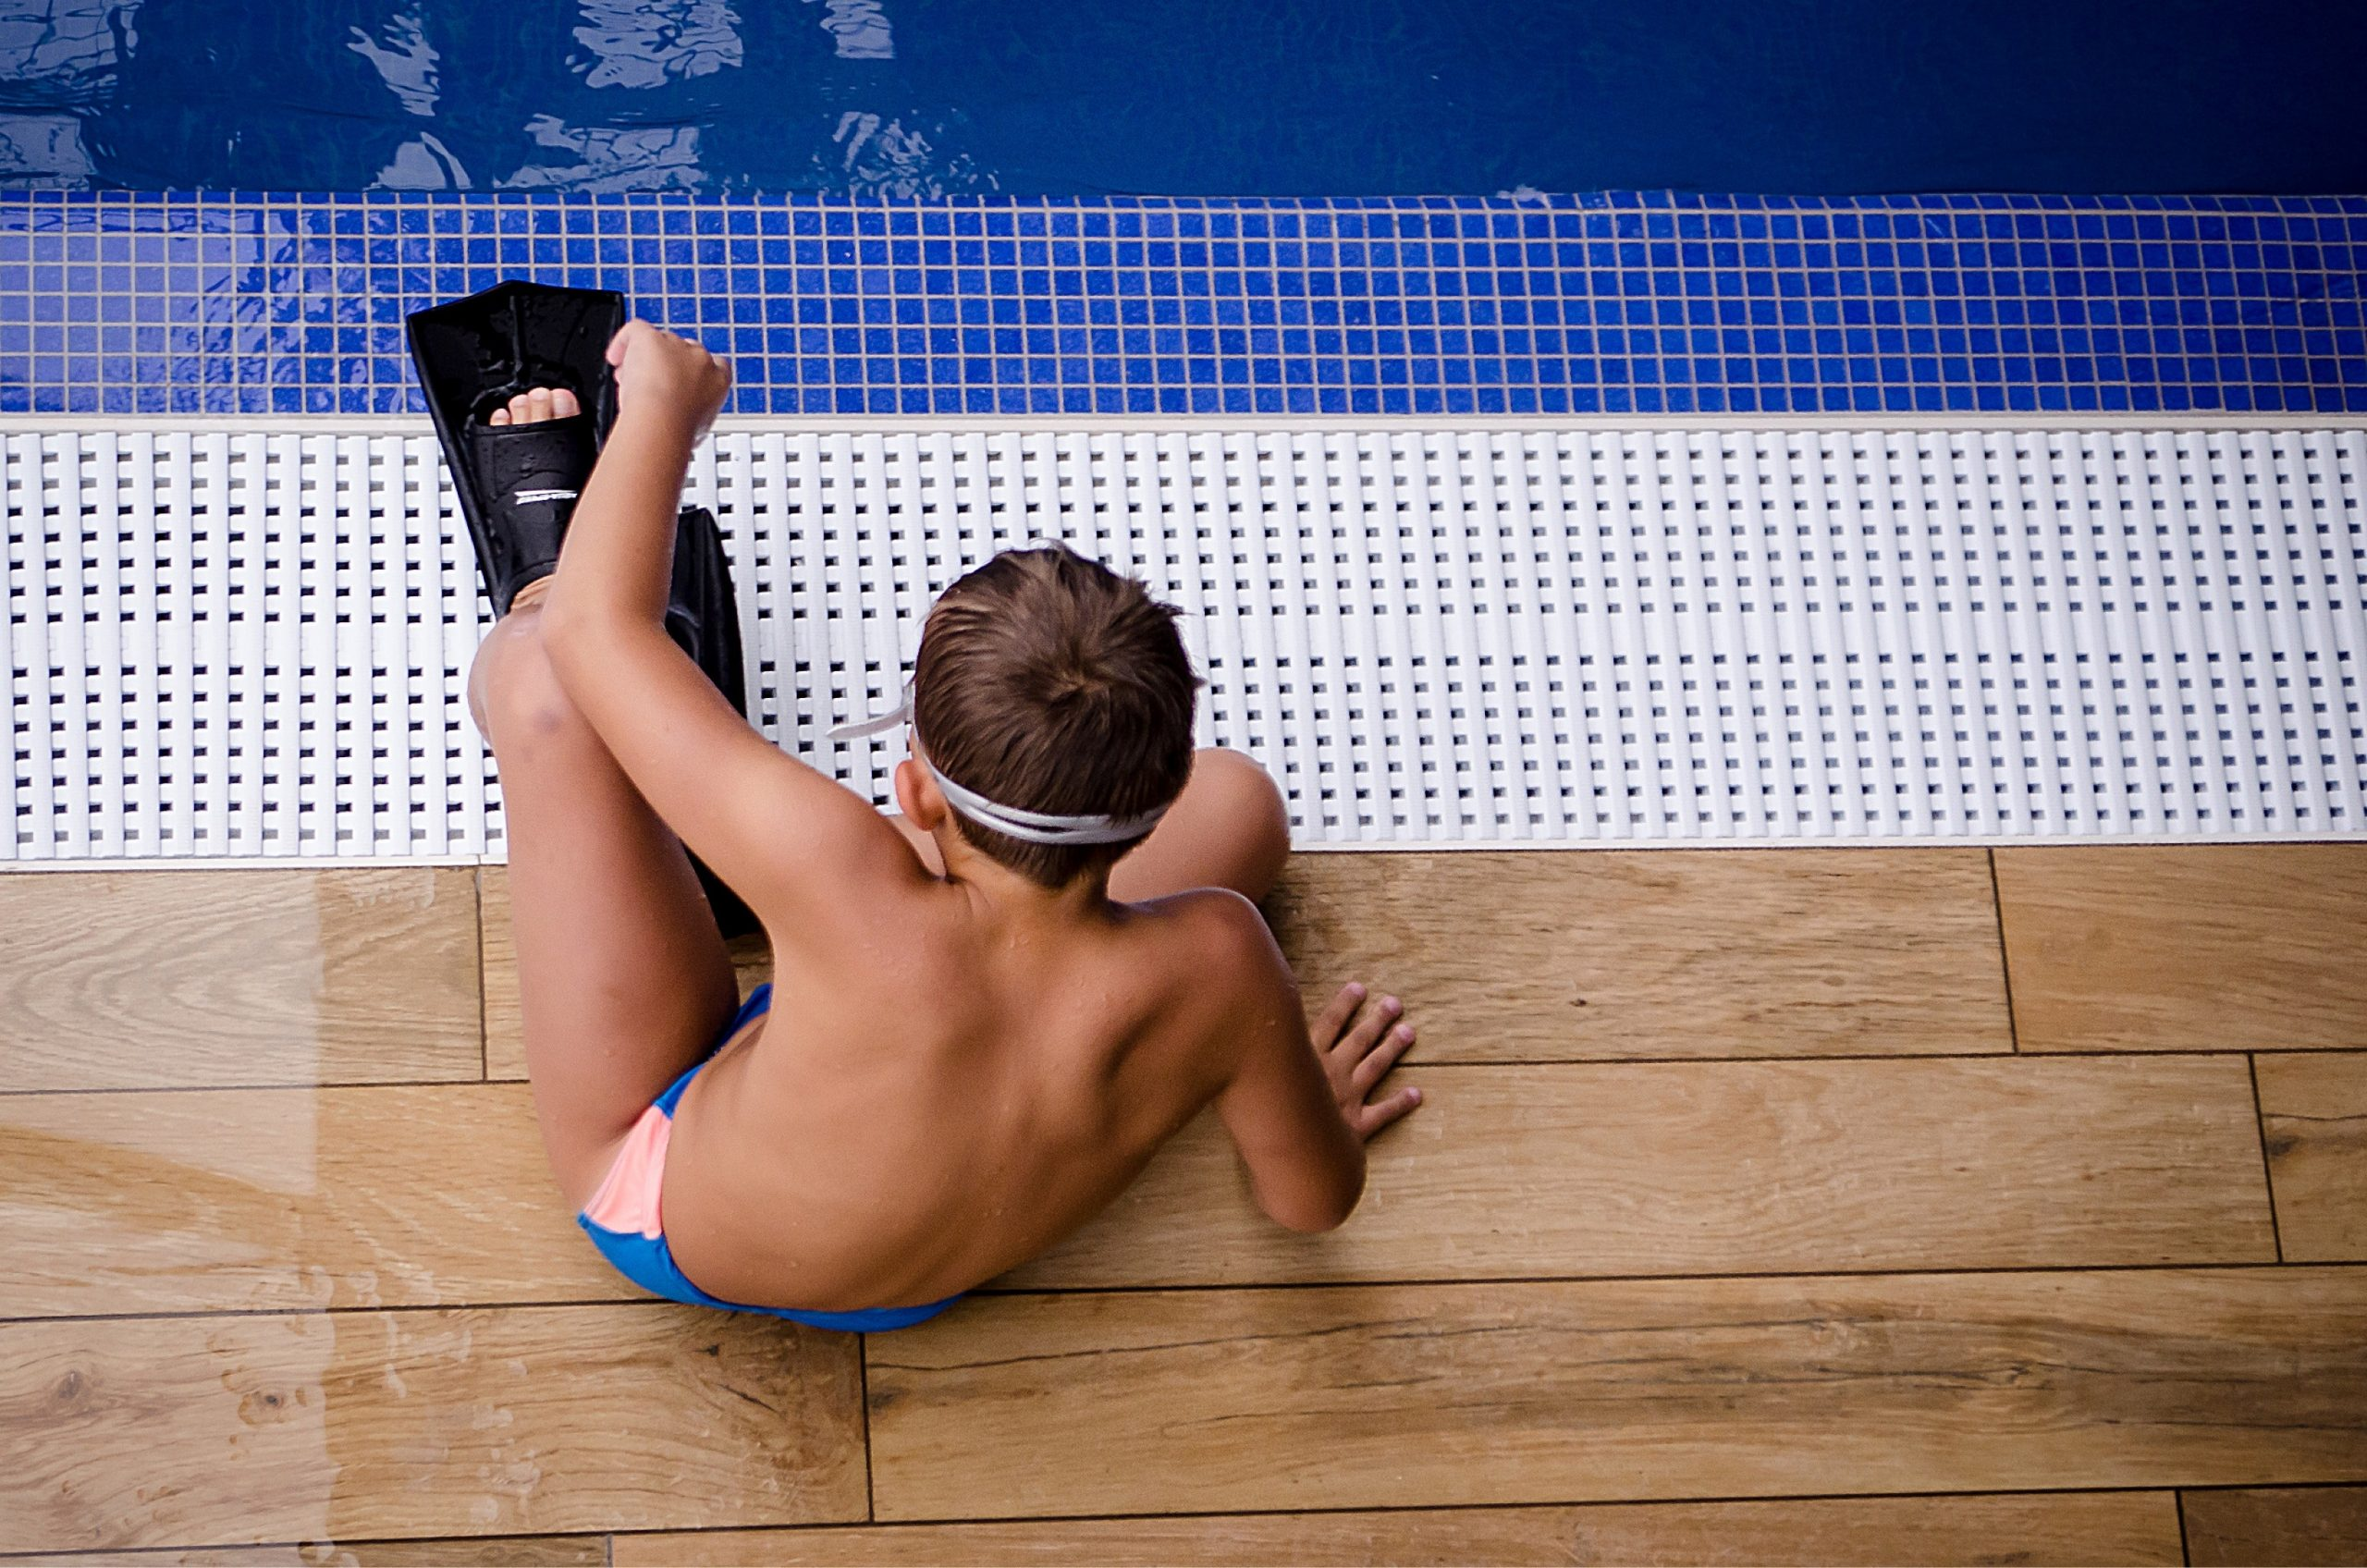 Menino sentado na beirada da piscina com roupa de natação e pés de pato